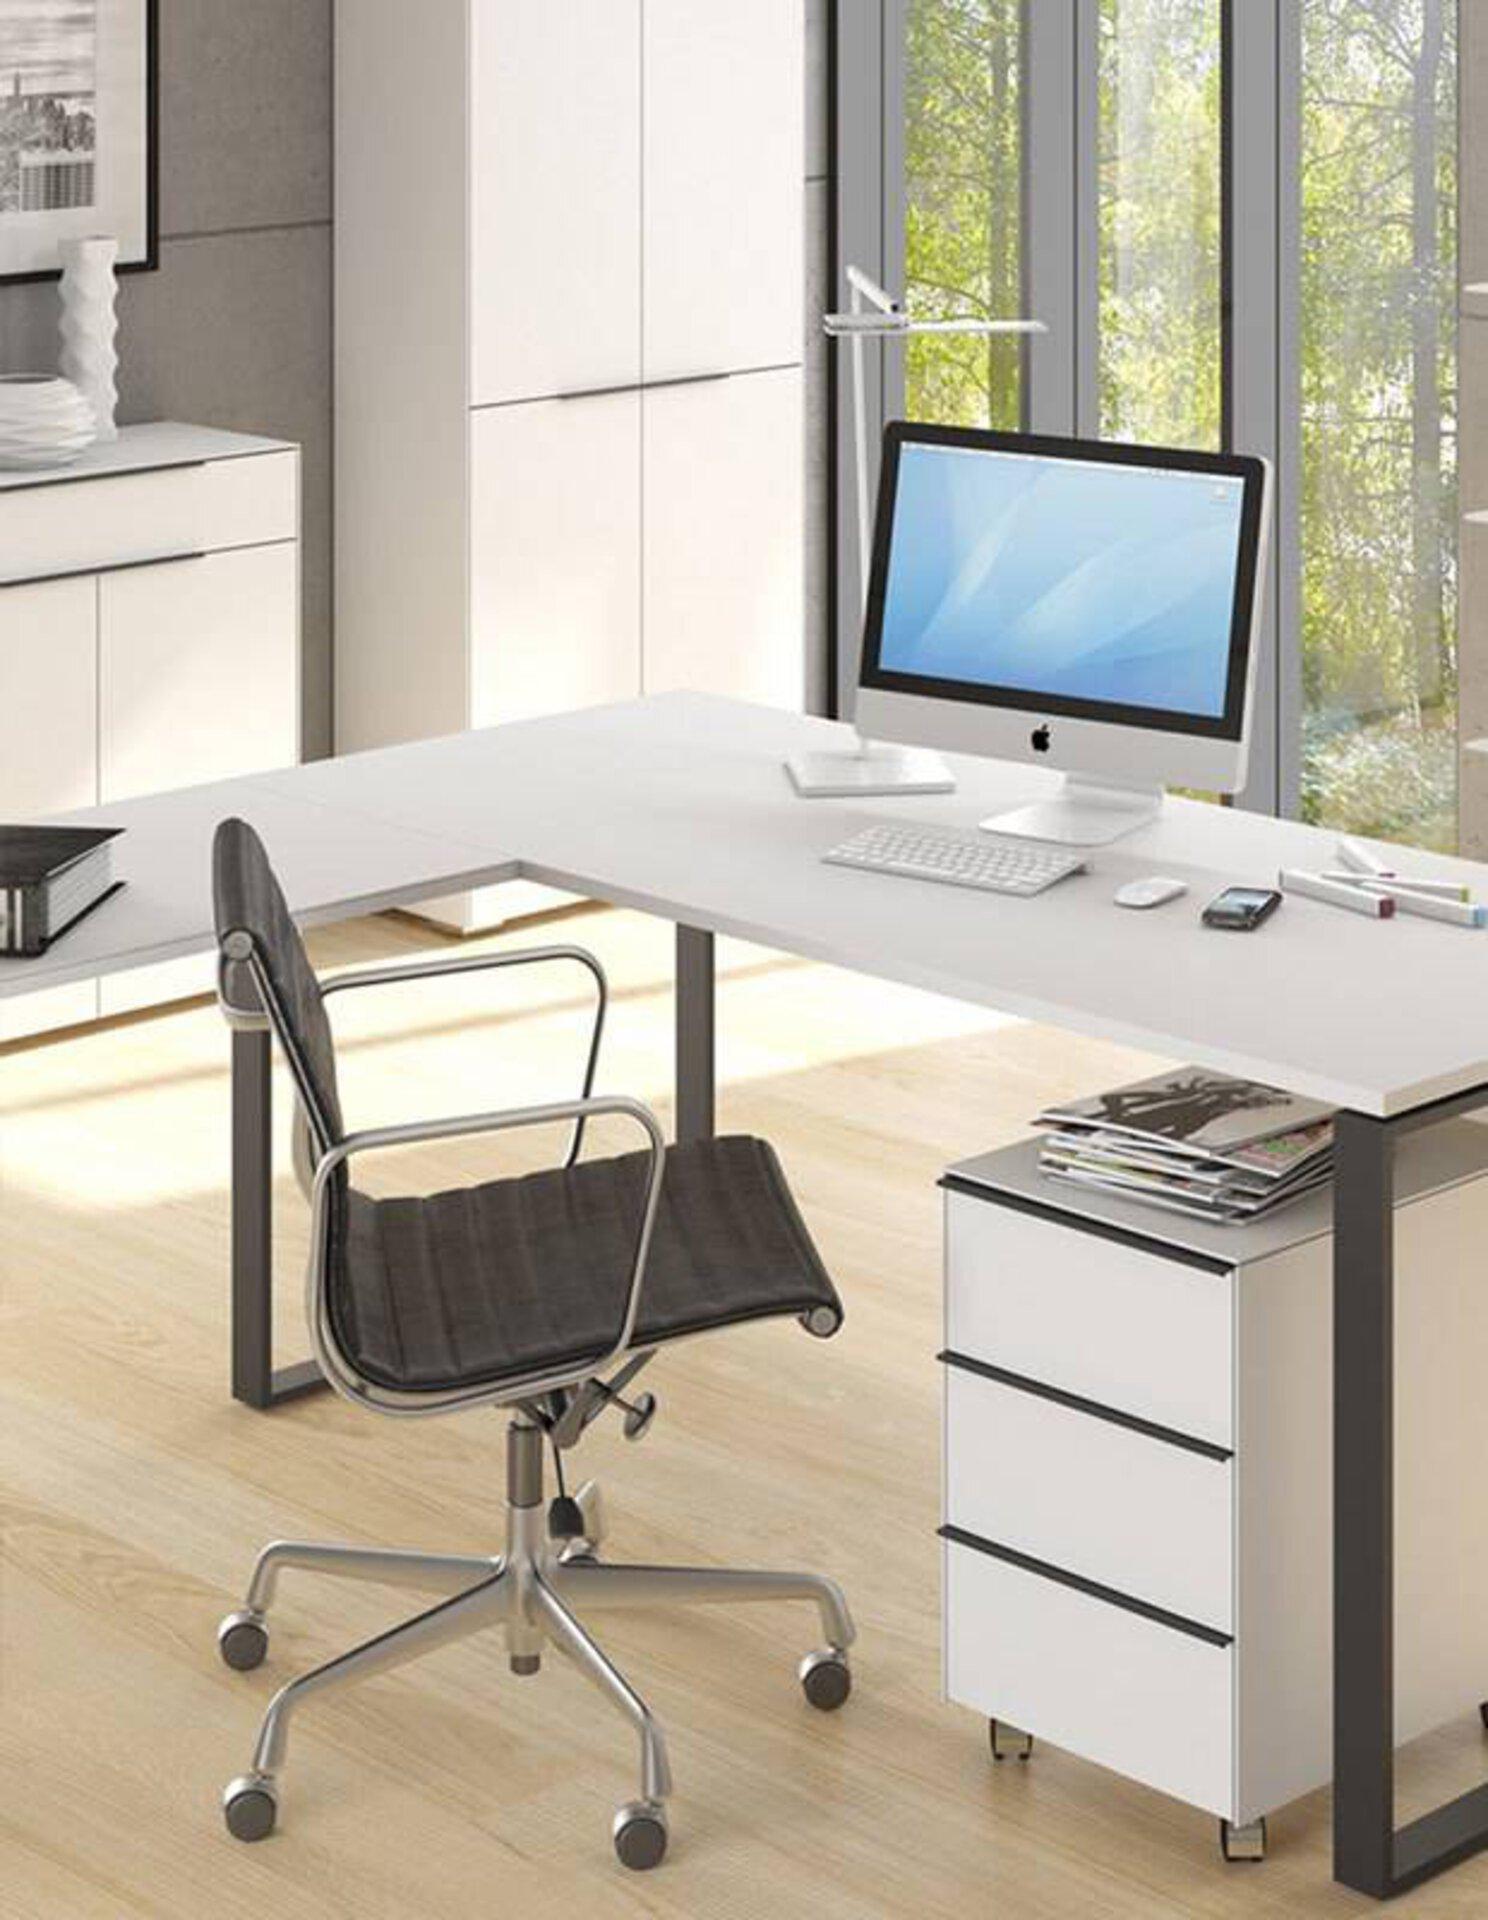 """Milieubild zu """"ergonomische Büromöbel"""" auf der Inspirationsseite."""